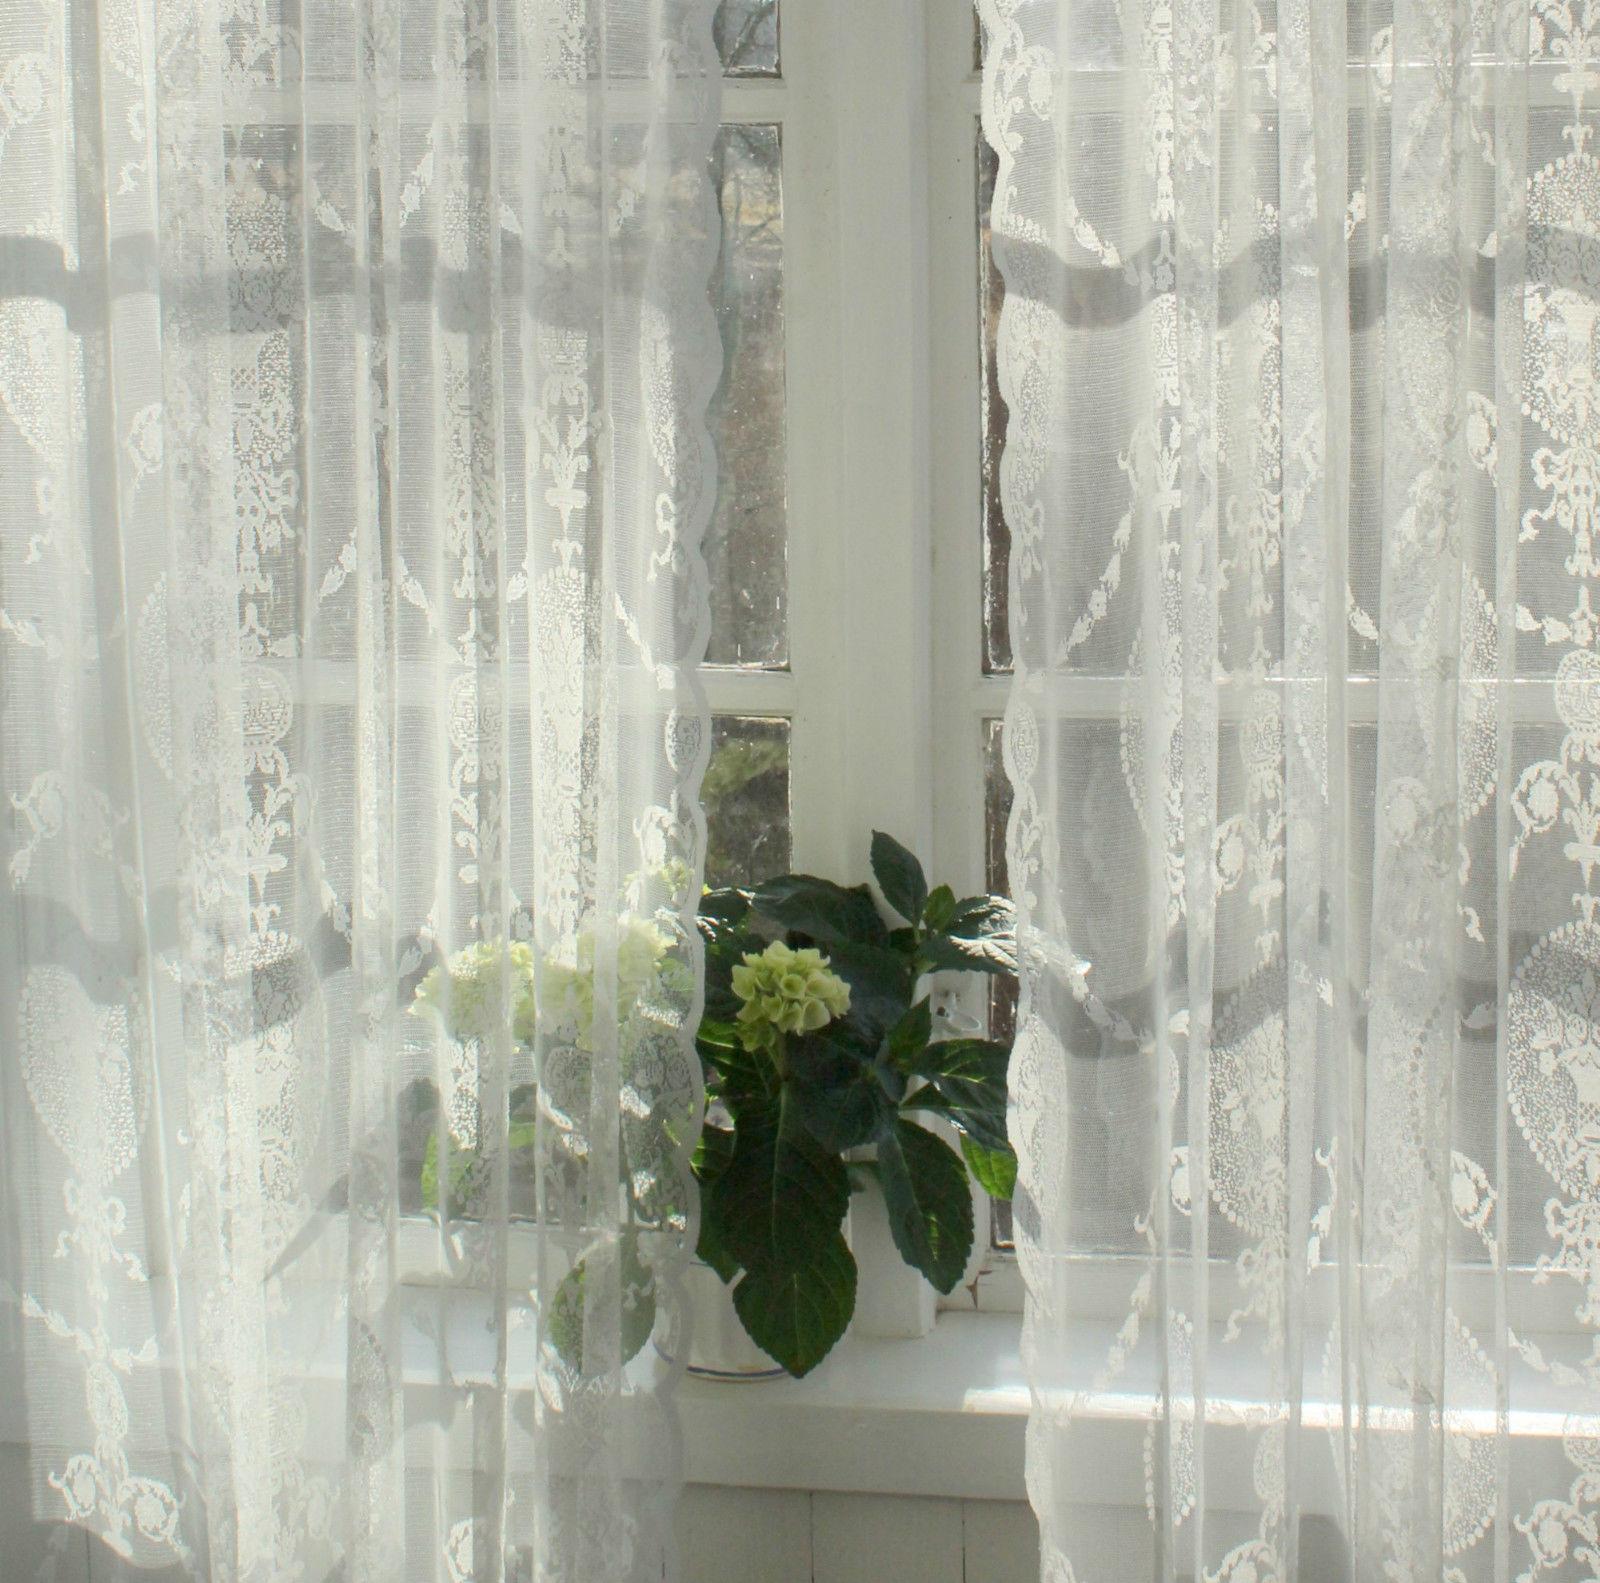 Vorhang AVERY Offwhite Spitzen Gardine 140x240 cm 2 Stck